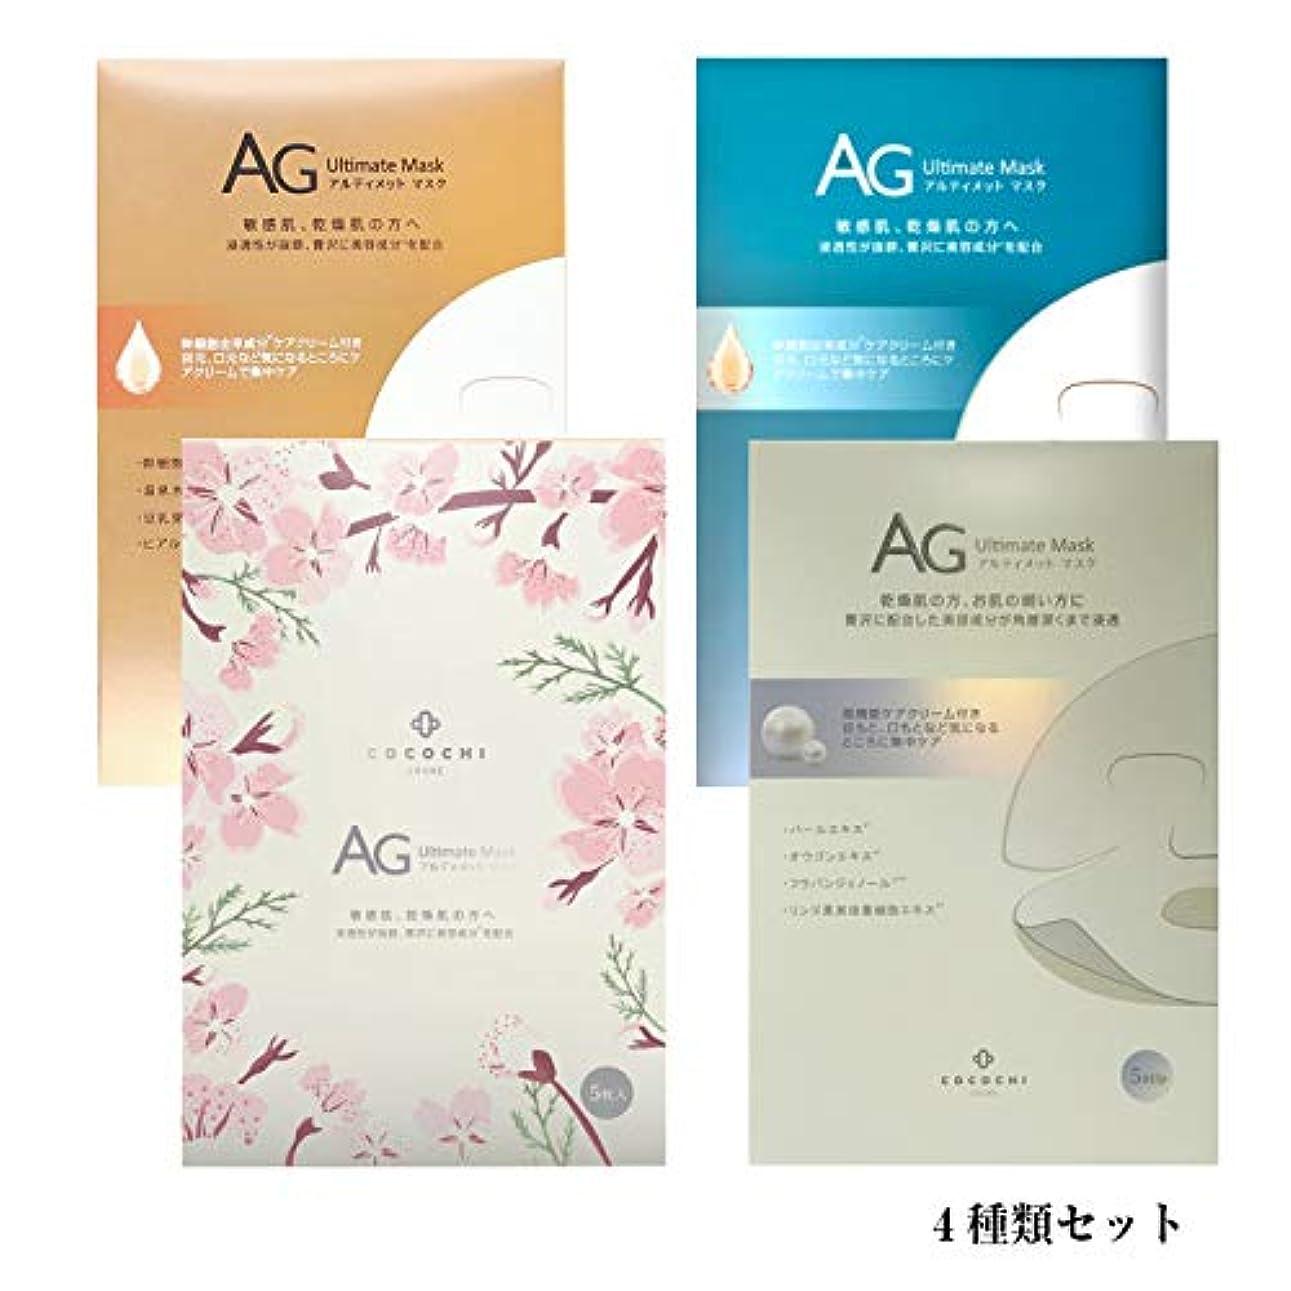 コマース夕食を作るはずAGアルティメットマスク 4種類セット AG アルティメットマスク/オーシャンマスク/さくら/アコヤ真珠マスク